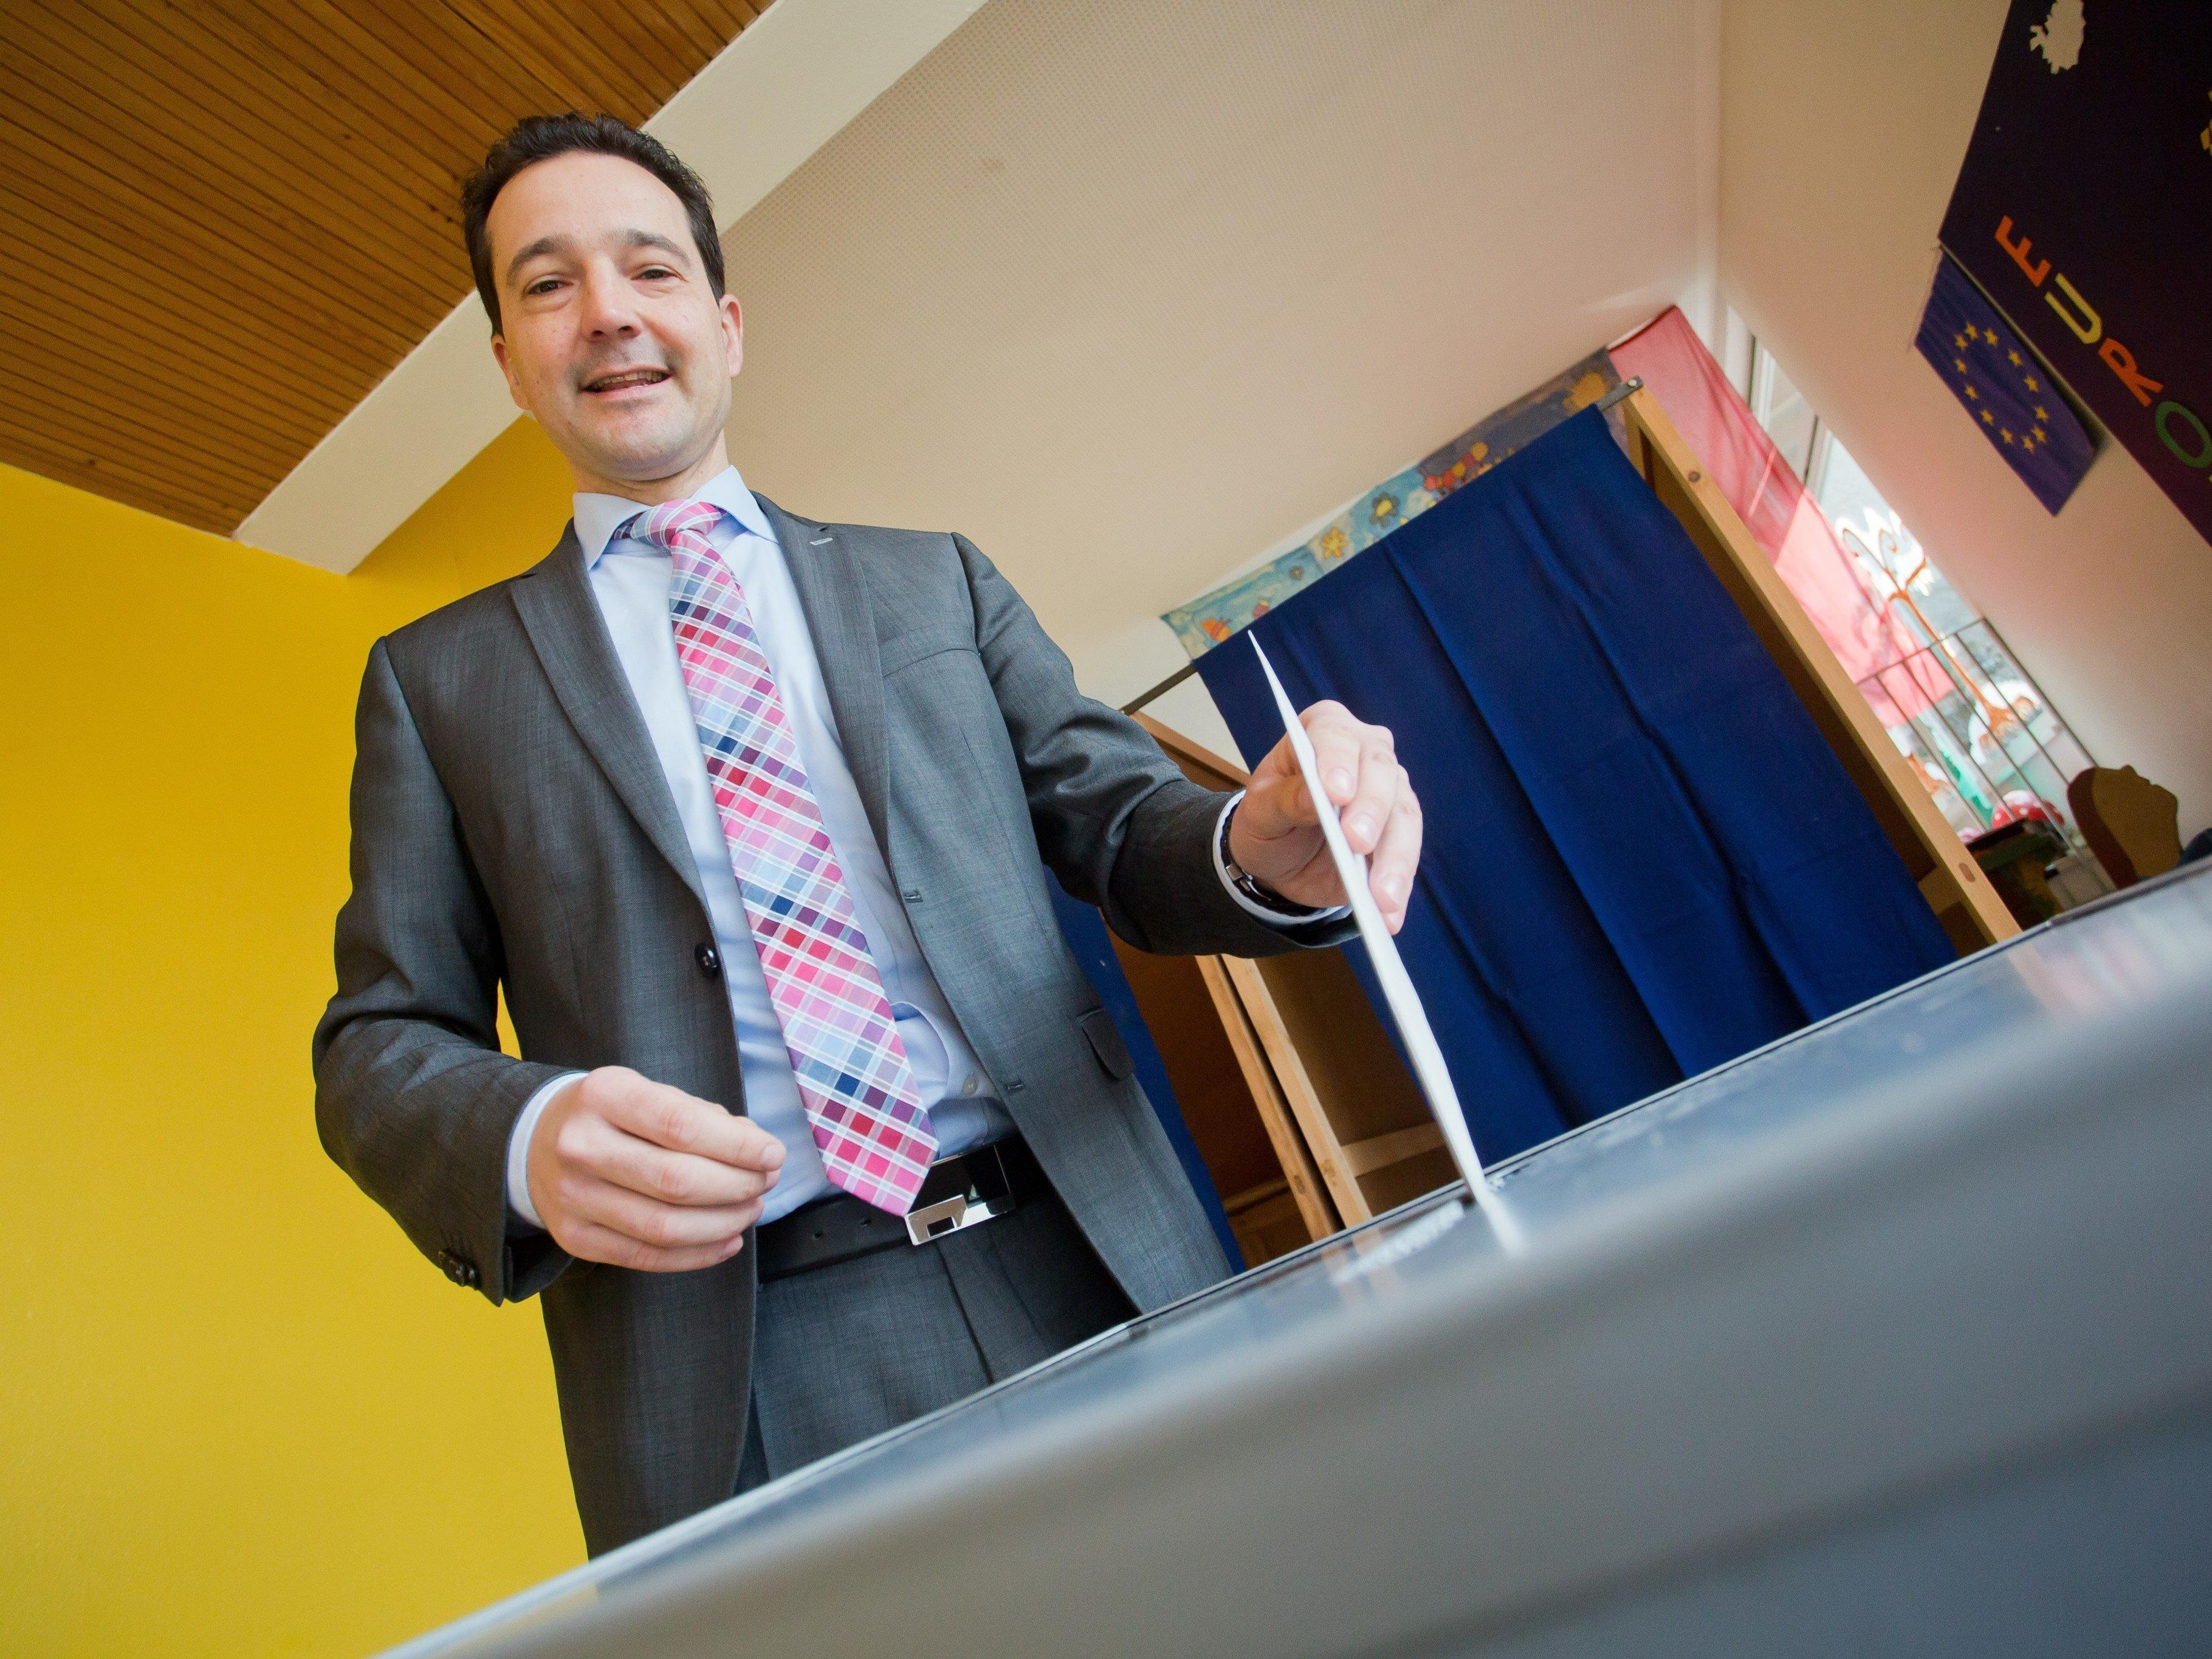 Gerald Loacker von den NEOS bei der Stimmabgabe am Sonntag Vormittag.